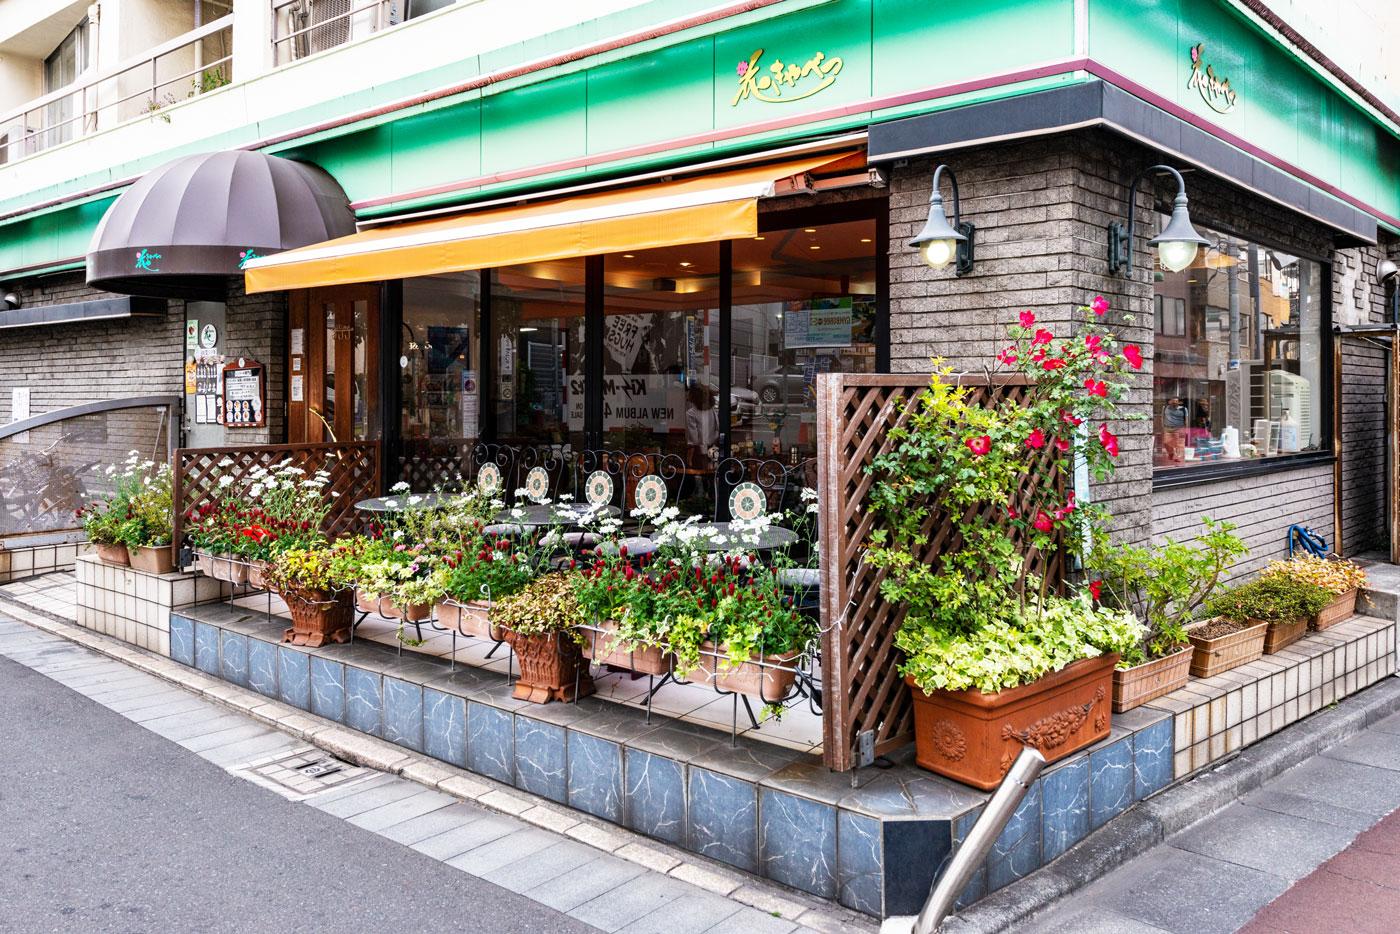 花きゃべつ(九品仏緑道のパンケーキの老舗)